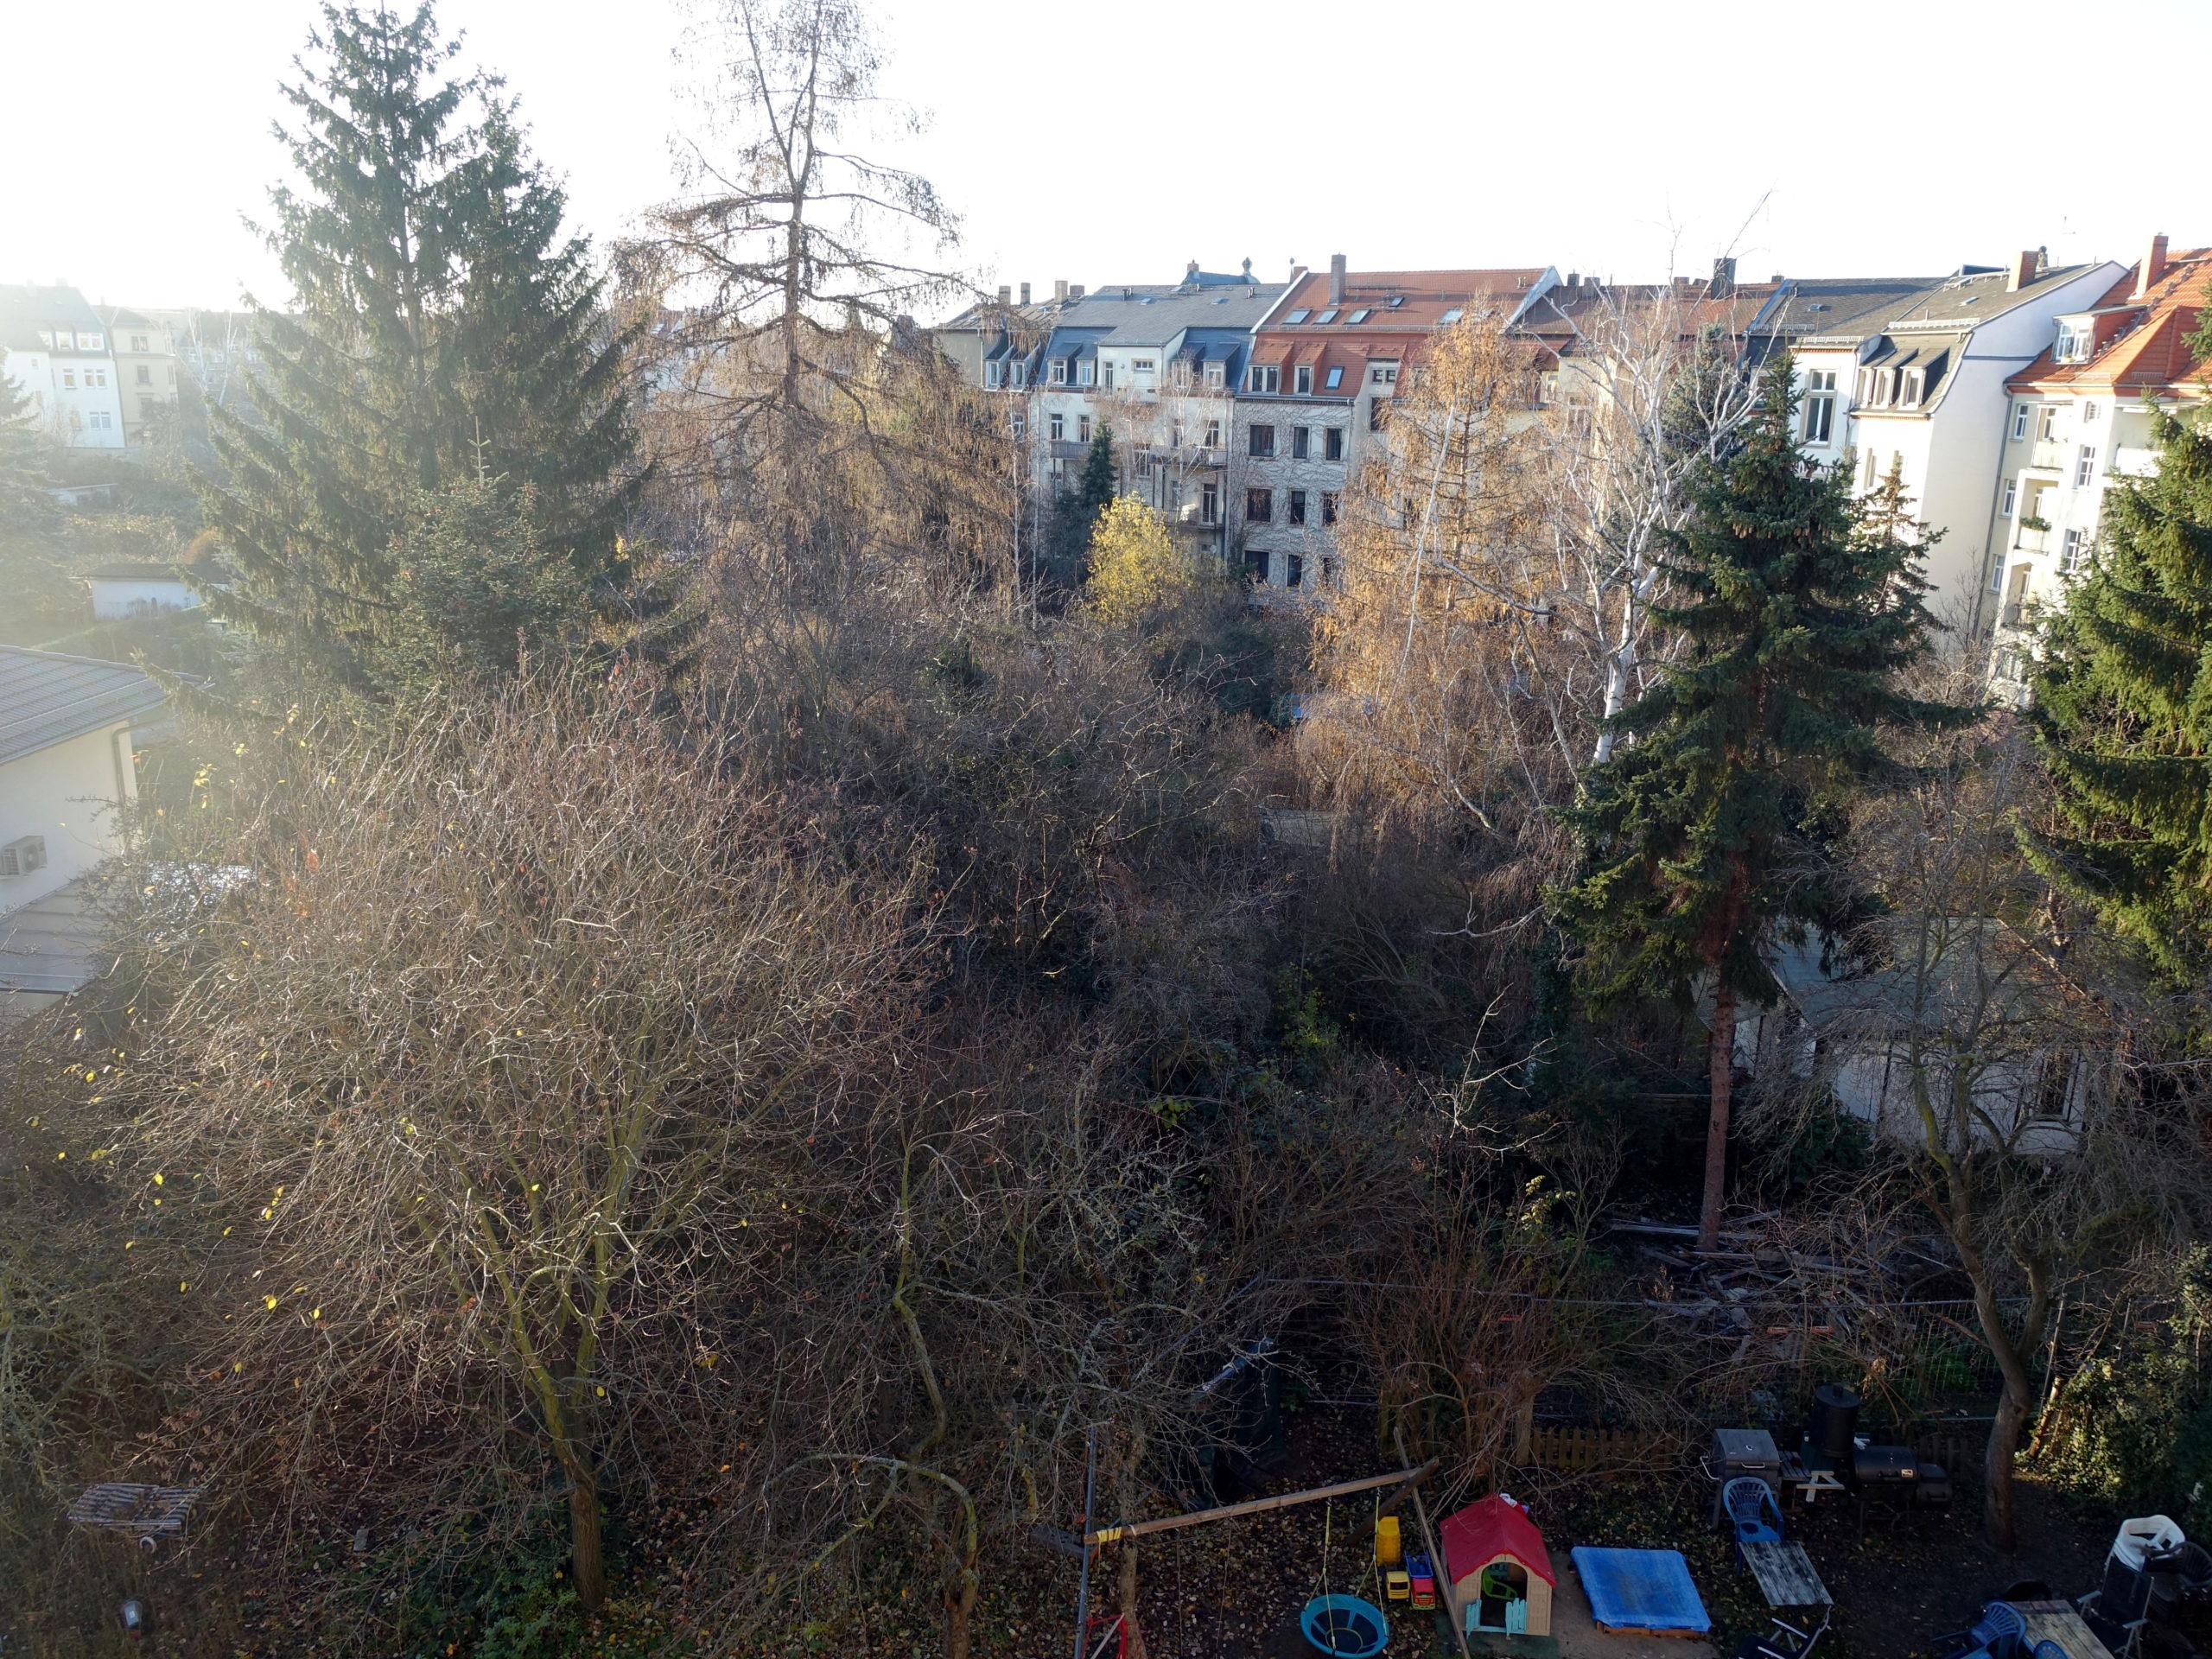 Tichatscheckstraße 37 Gruen